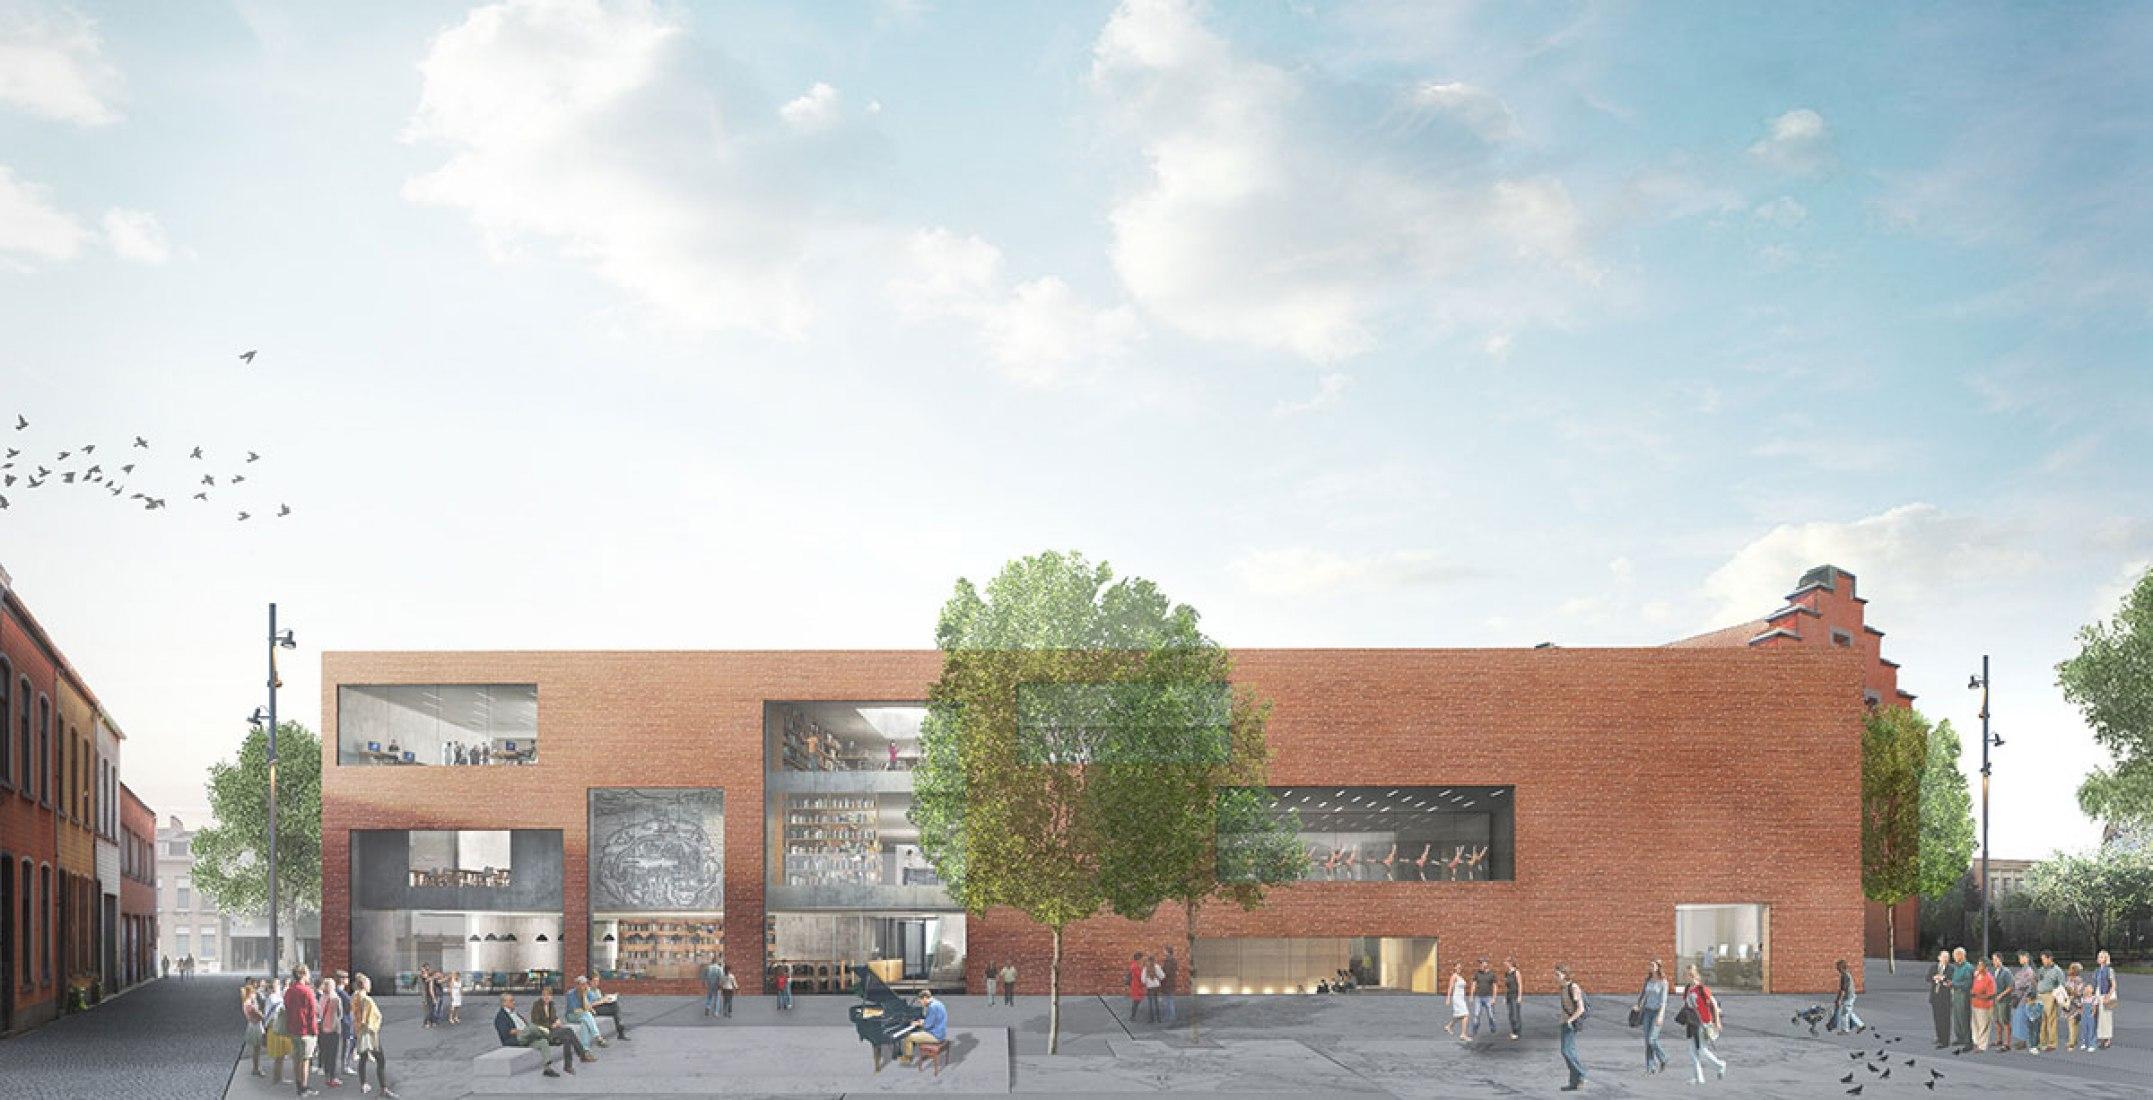 Biblioteca y Centro Artístico en Aalst por KAAN. Fotografía © EdiT, KAAN Architecten.